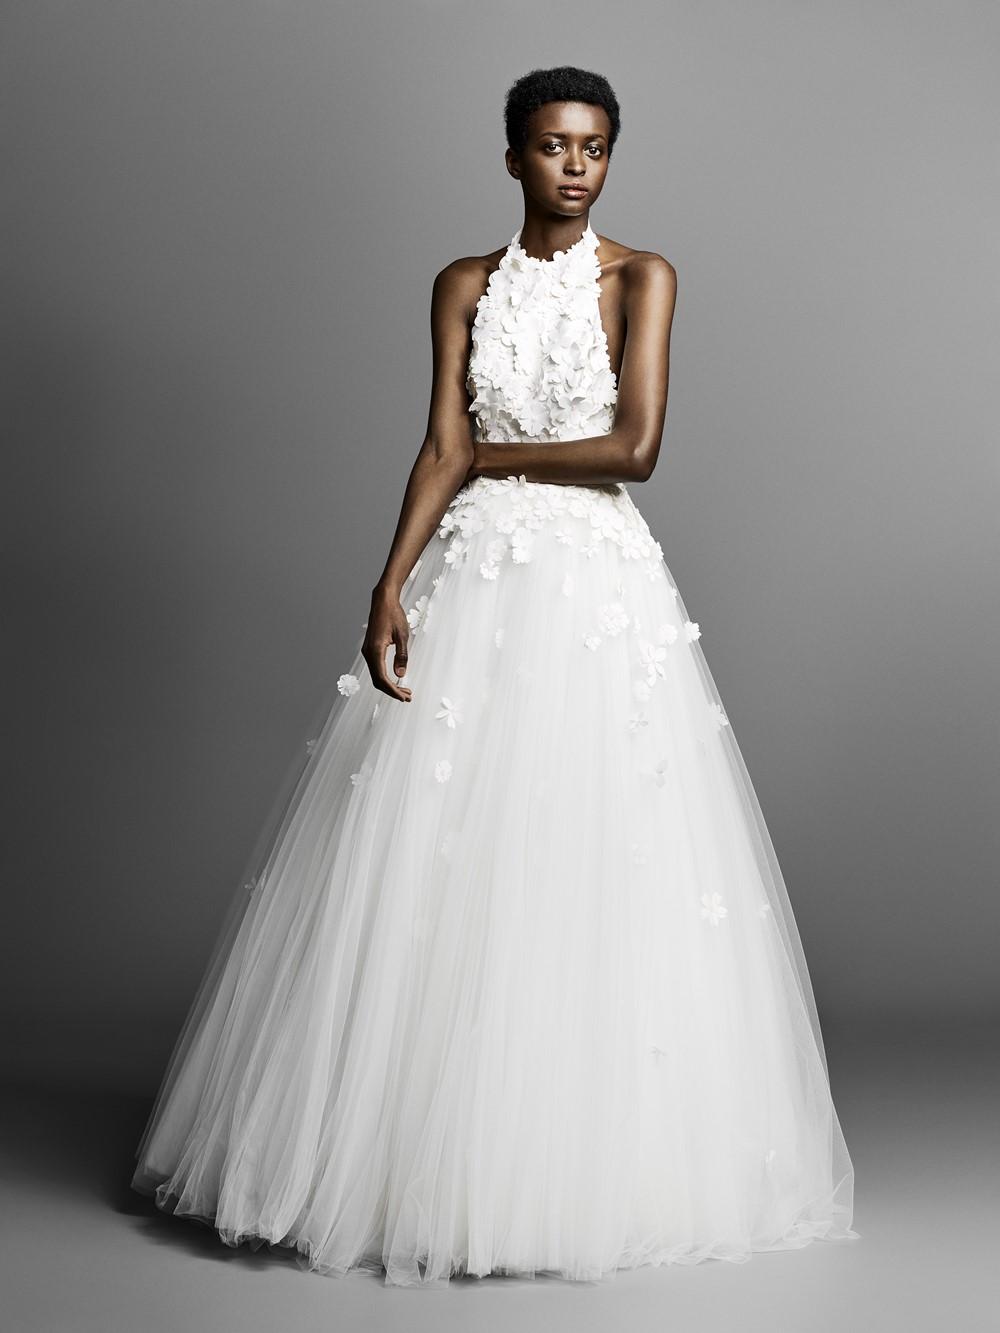 2019 Bridal Trends - Halternecks Viktor & Rolf